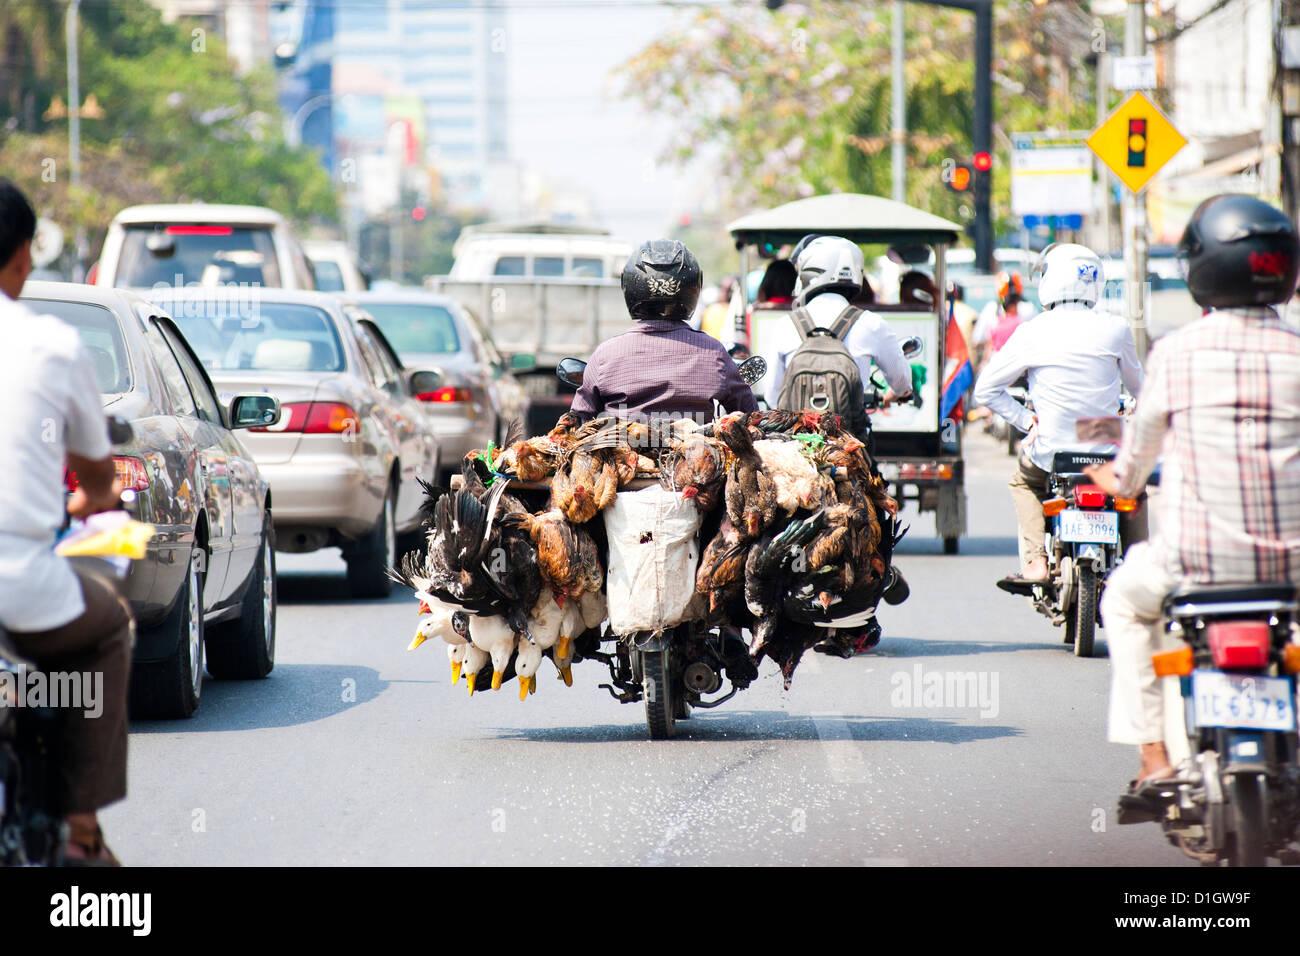 Vivir de pollos y patos han tomado al mercado en un ciclomotor en Phnom Penh, Camboya, en Indochina, en el sudeste Imagen De Stock